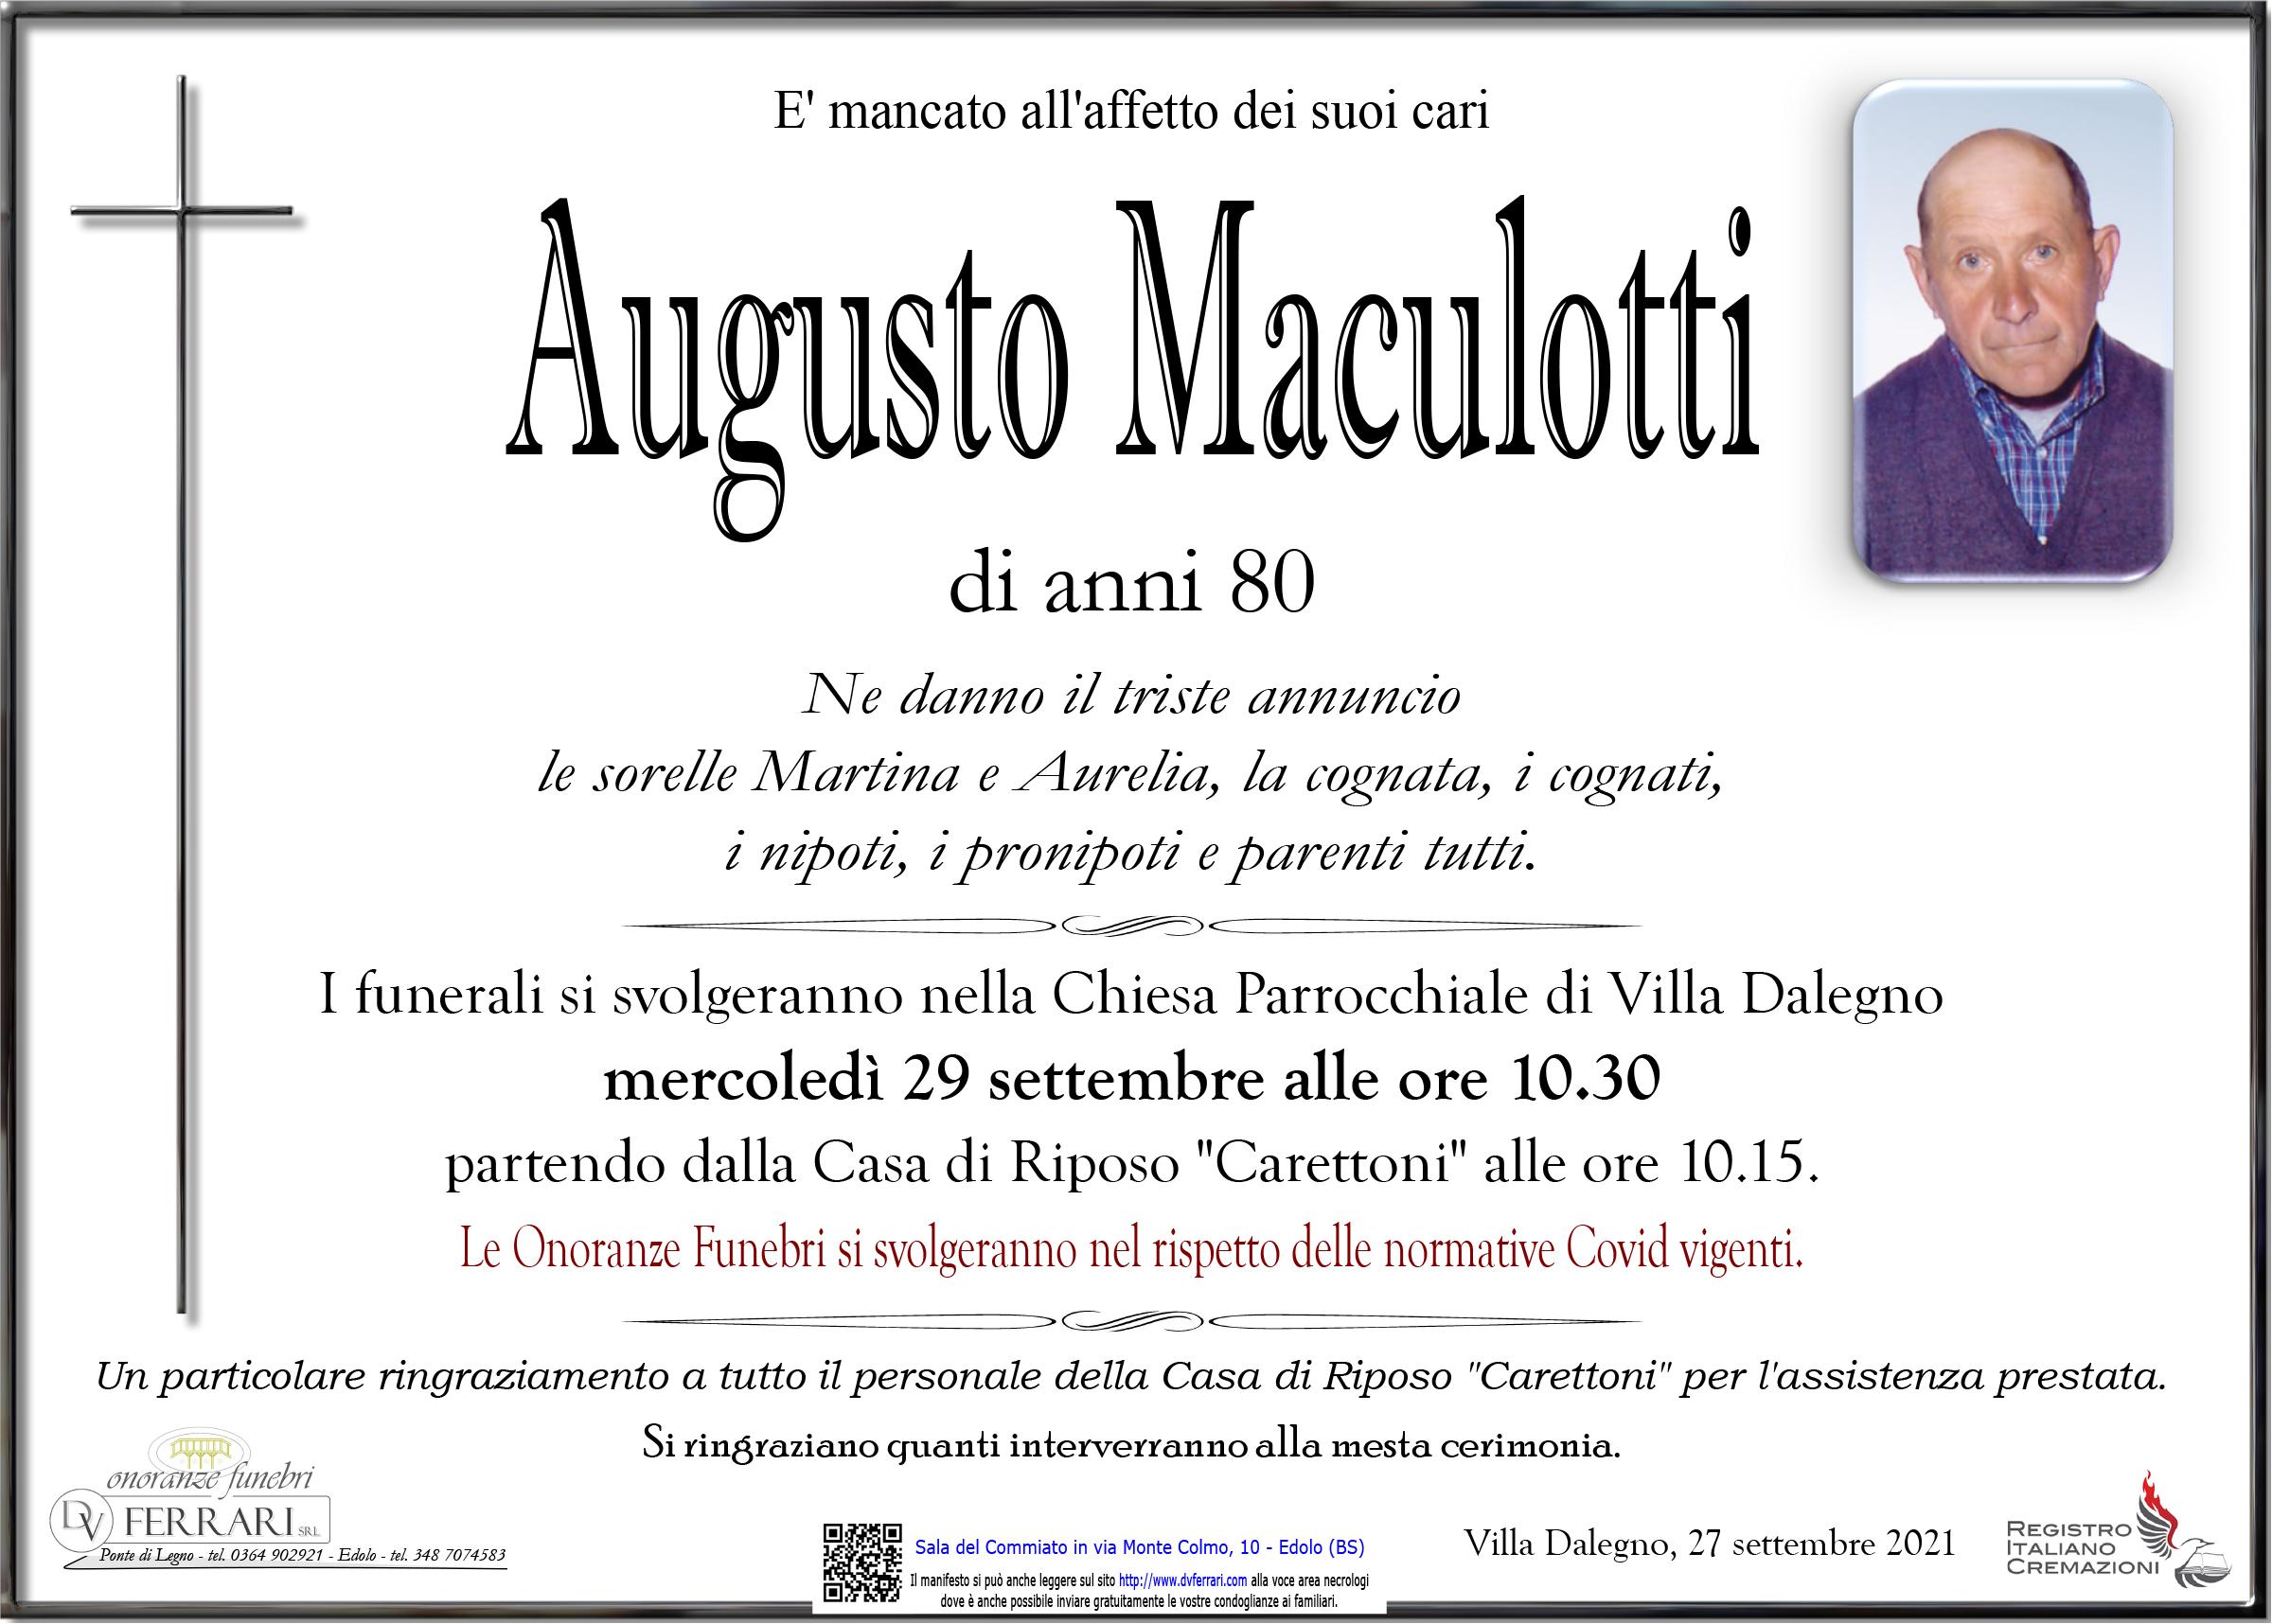 AUGUSTO MACULOTTI - VILLA DALEGNO